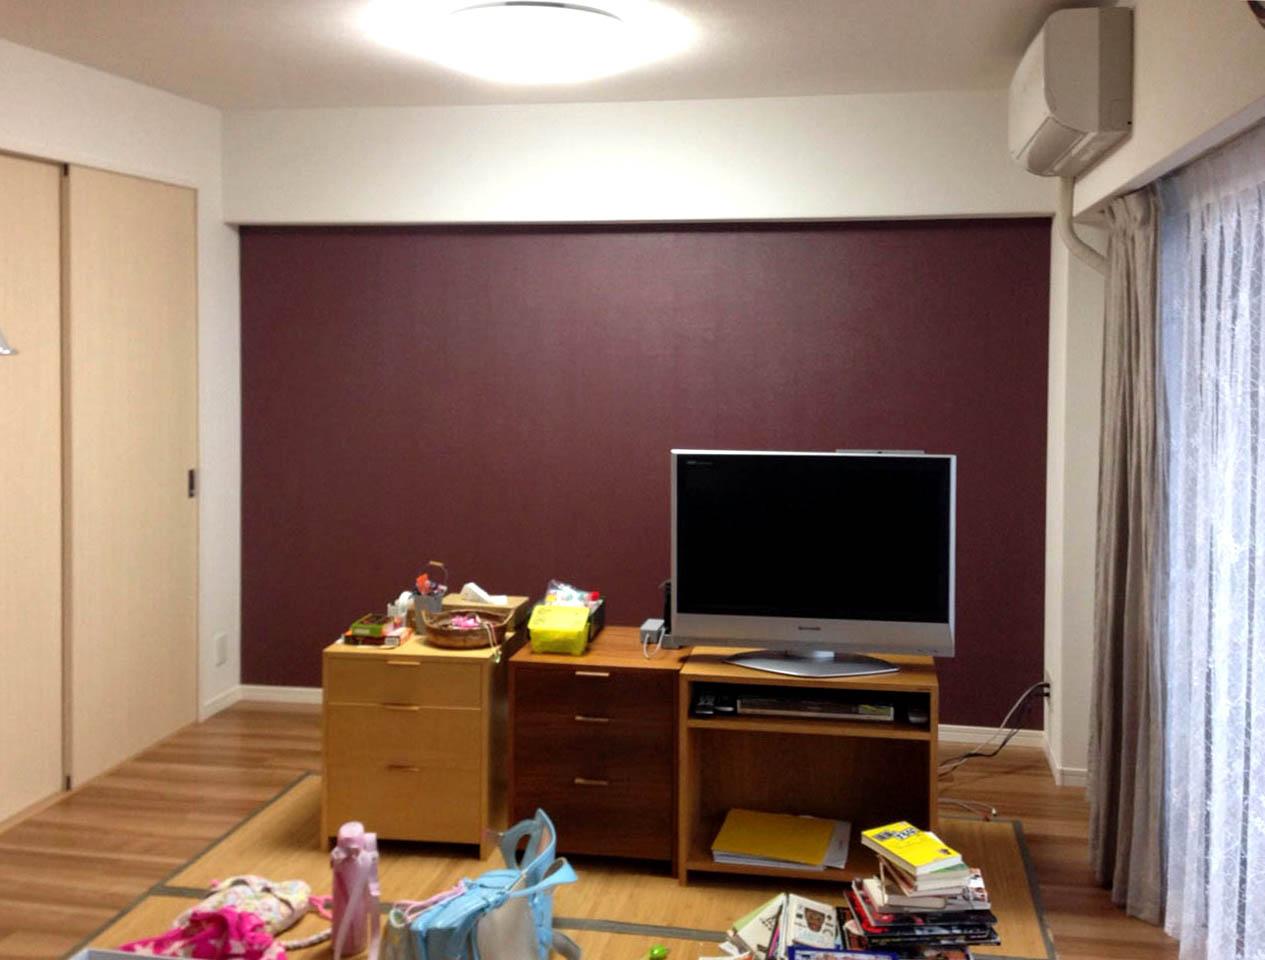 マンション 壁色など_f0171785_1624493.jpg